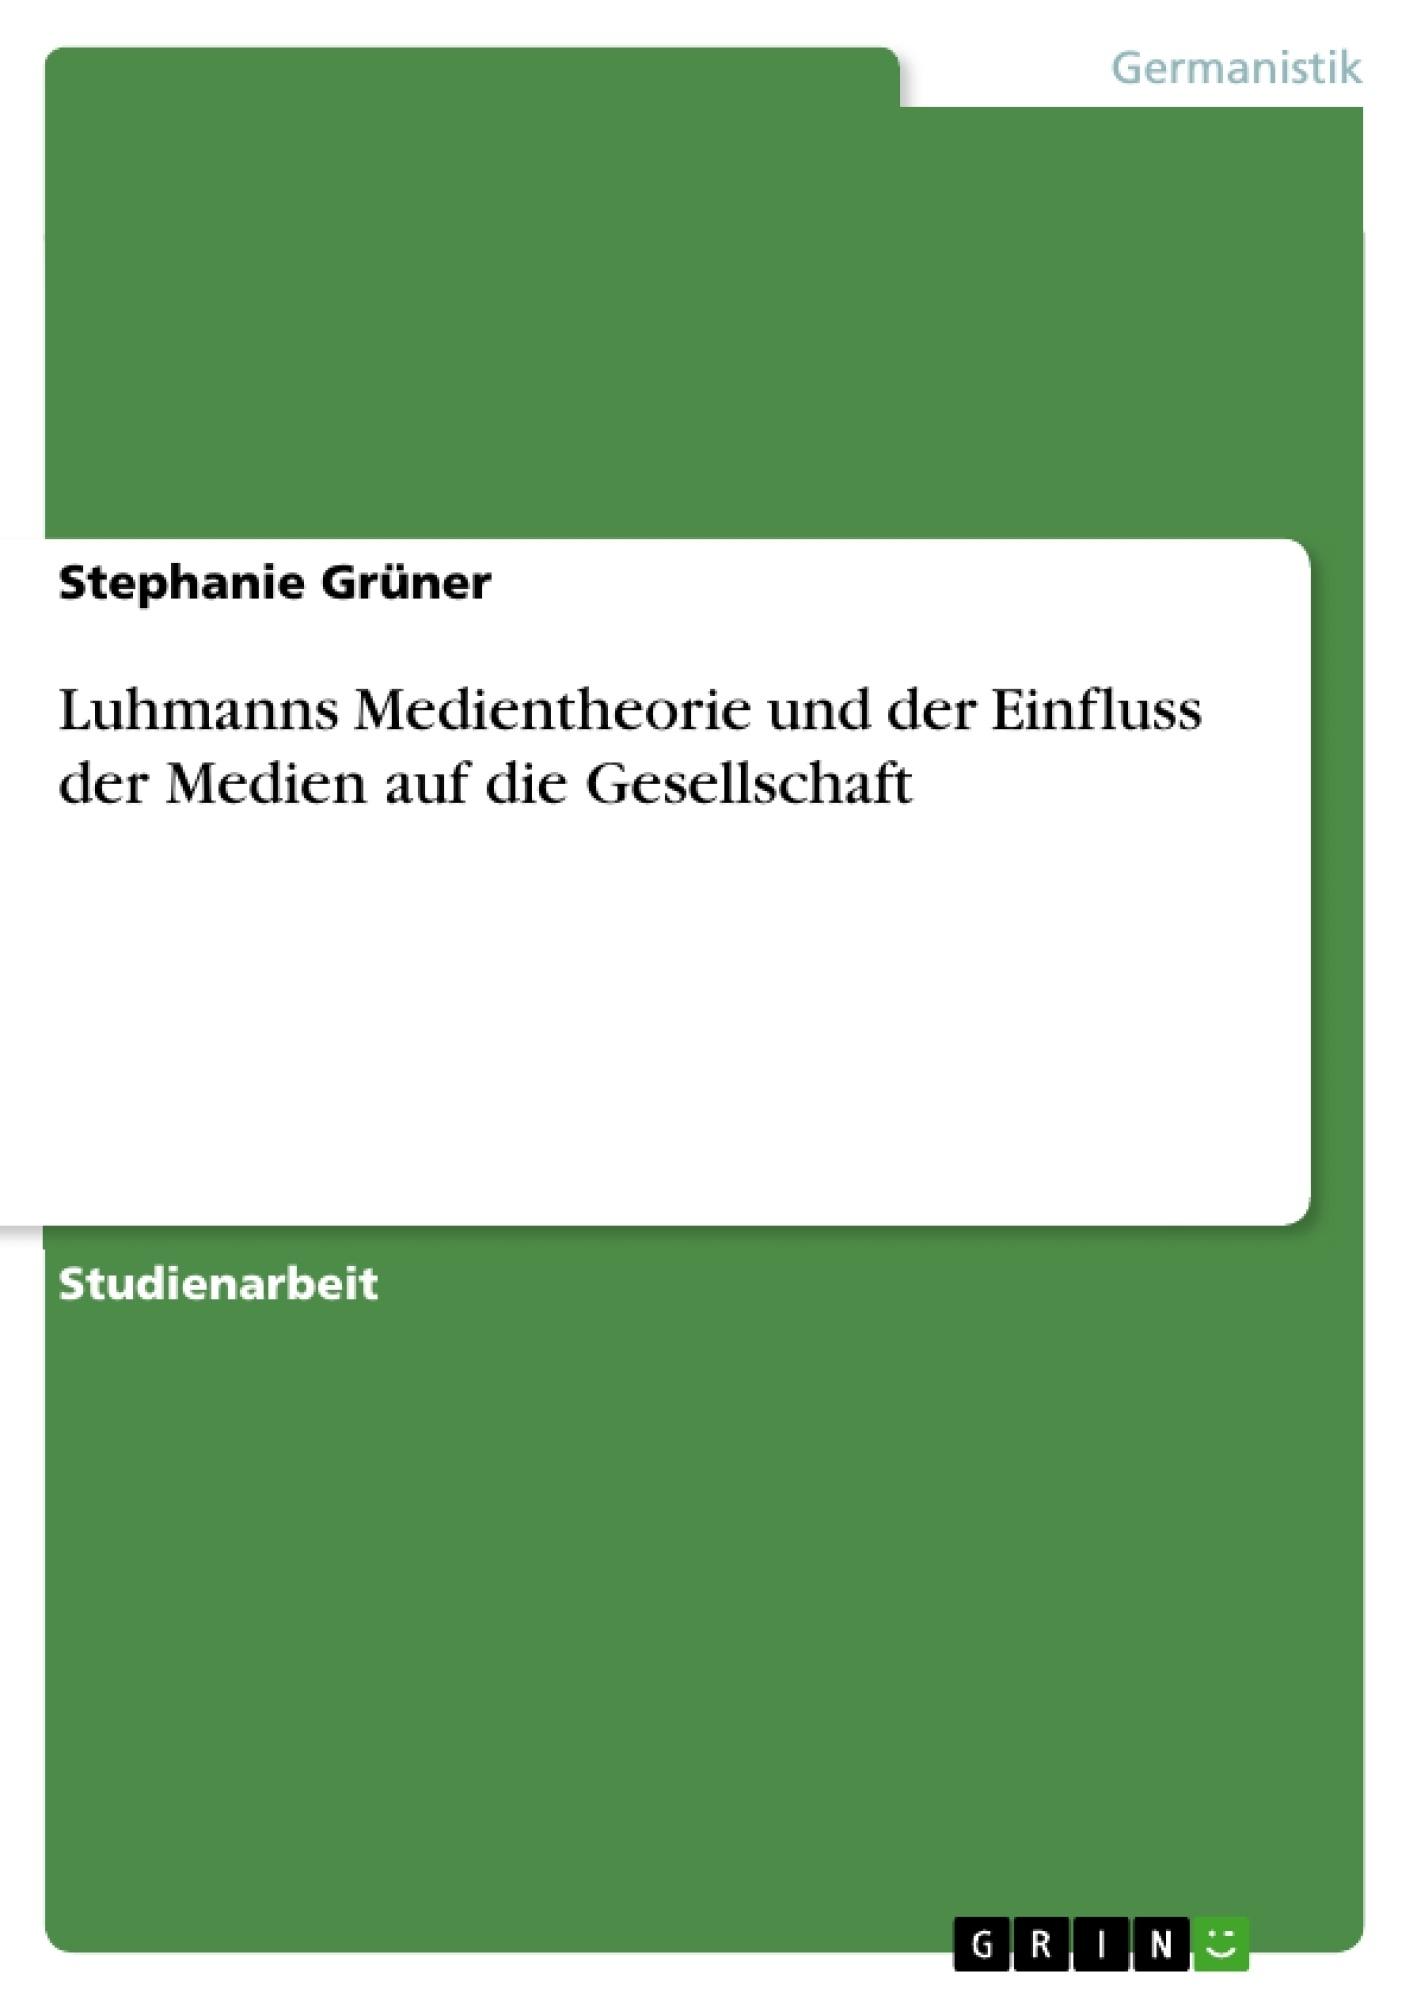 Titel: Luhmanns Medientheorie und der Einfluss der Medien auf die Gesellschaft